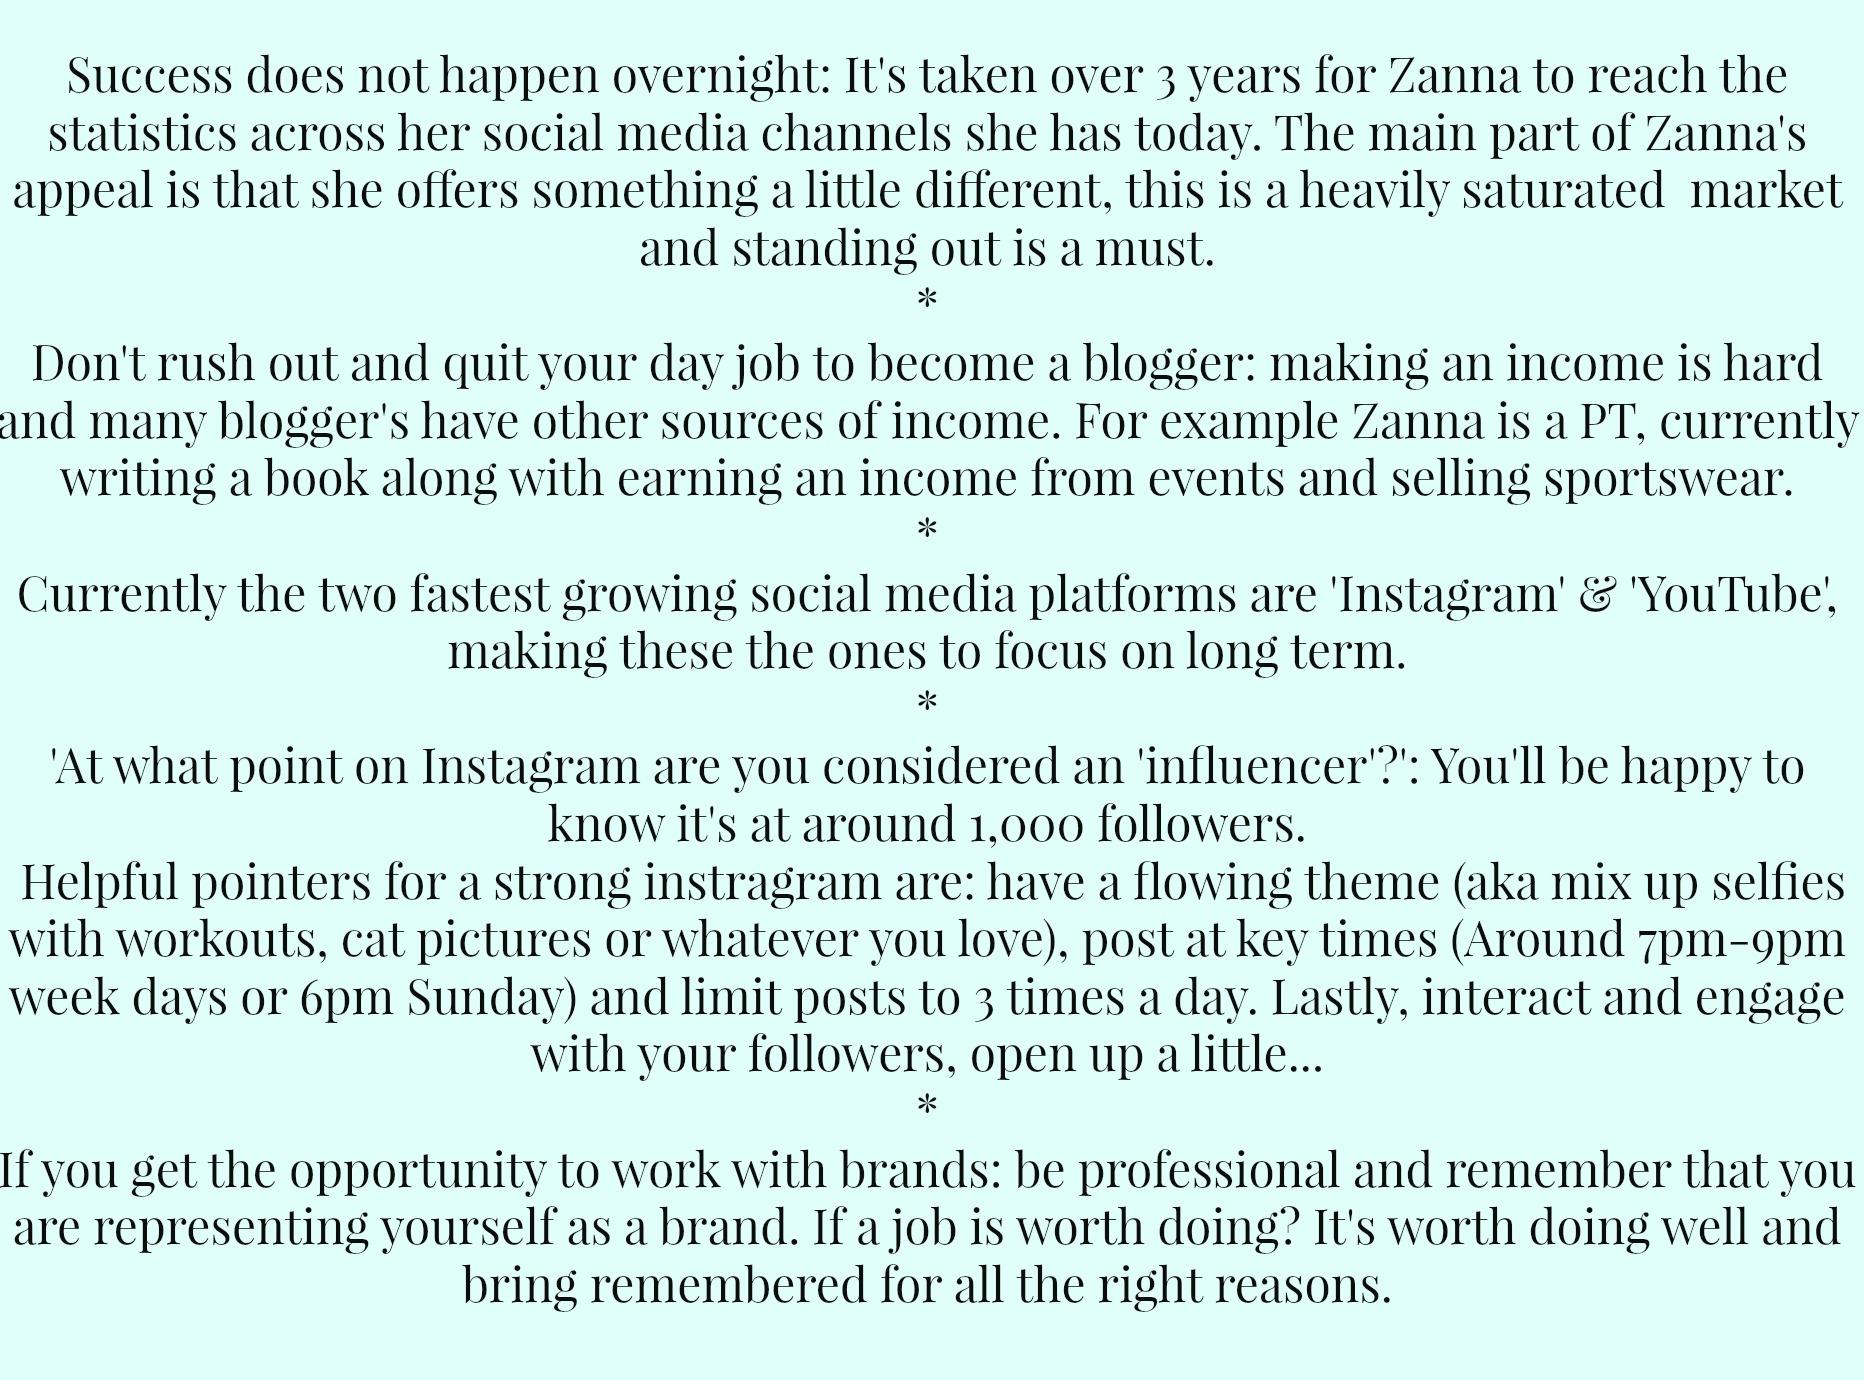 Zanna Van Dijk tips on blogging